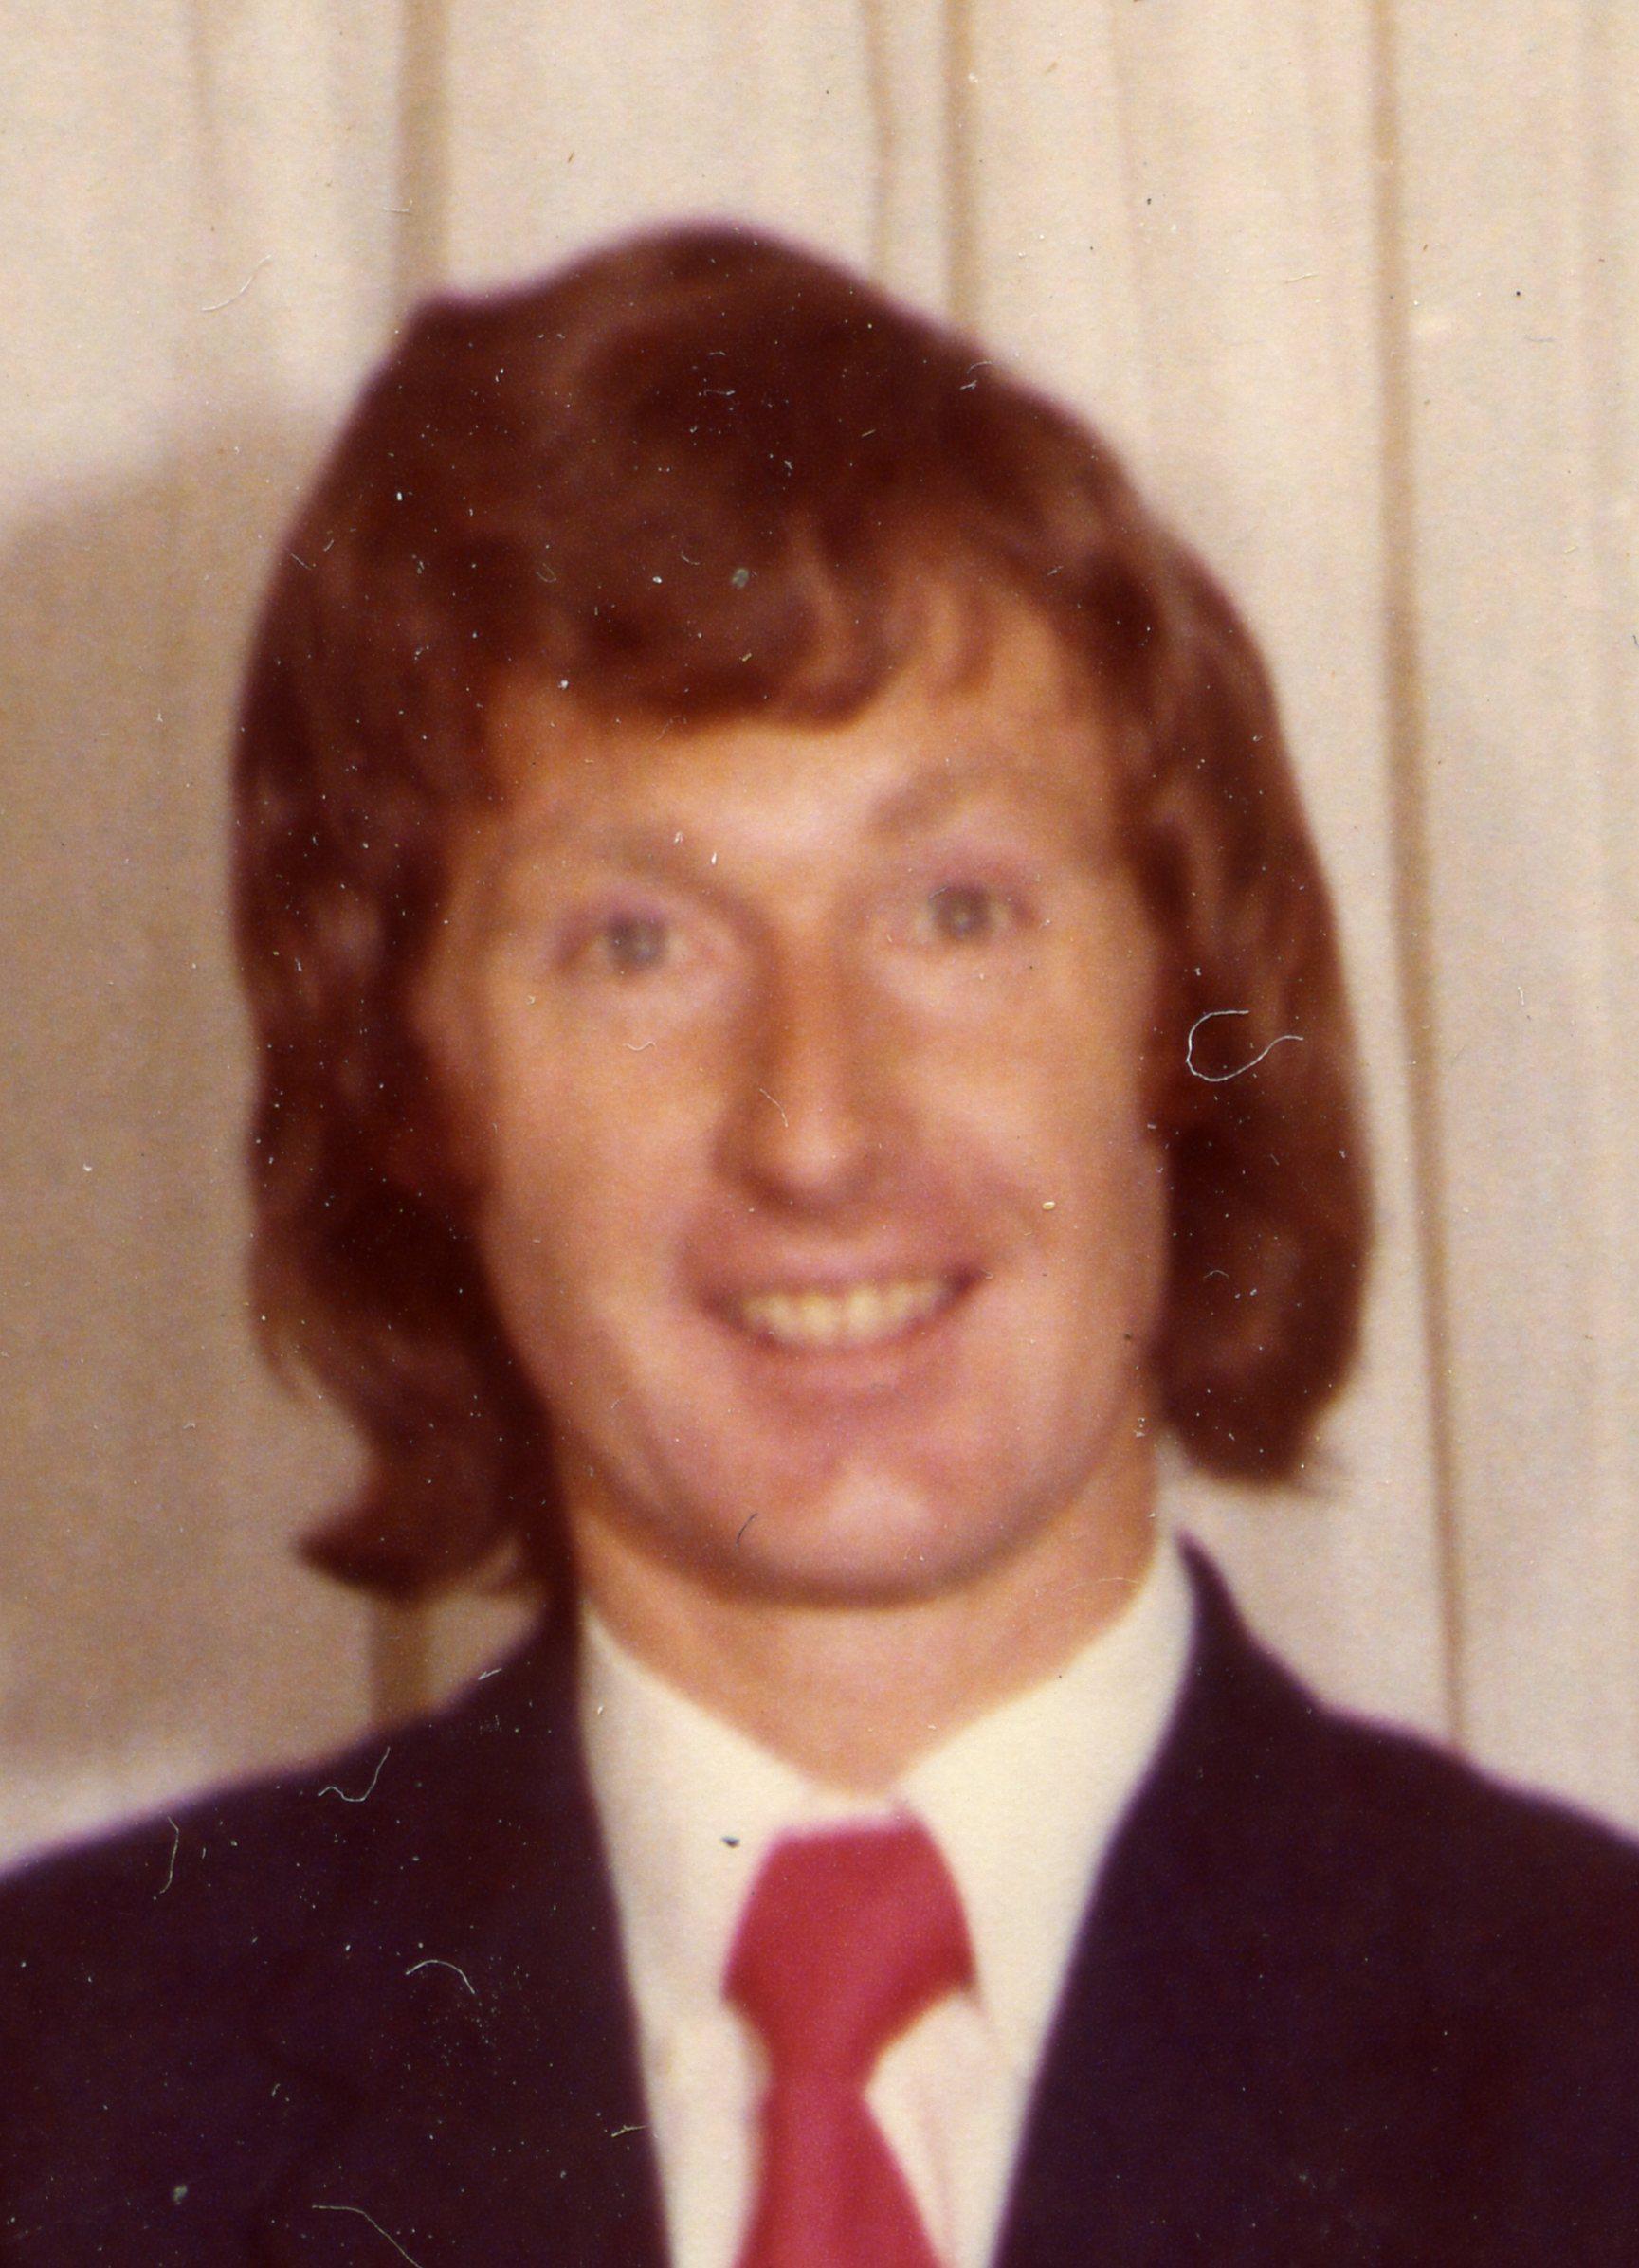 John Kemp